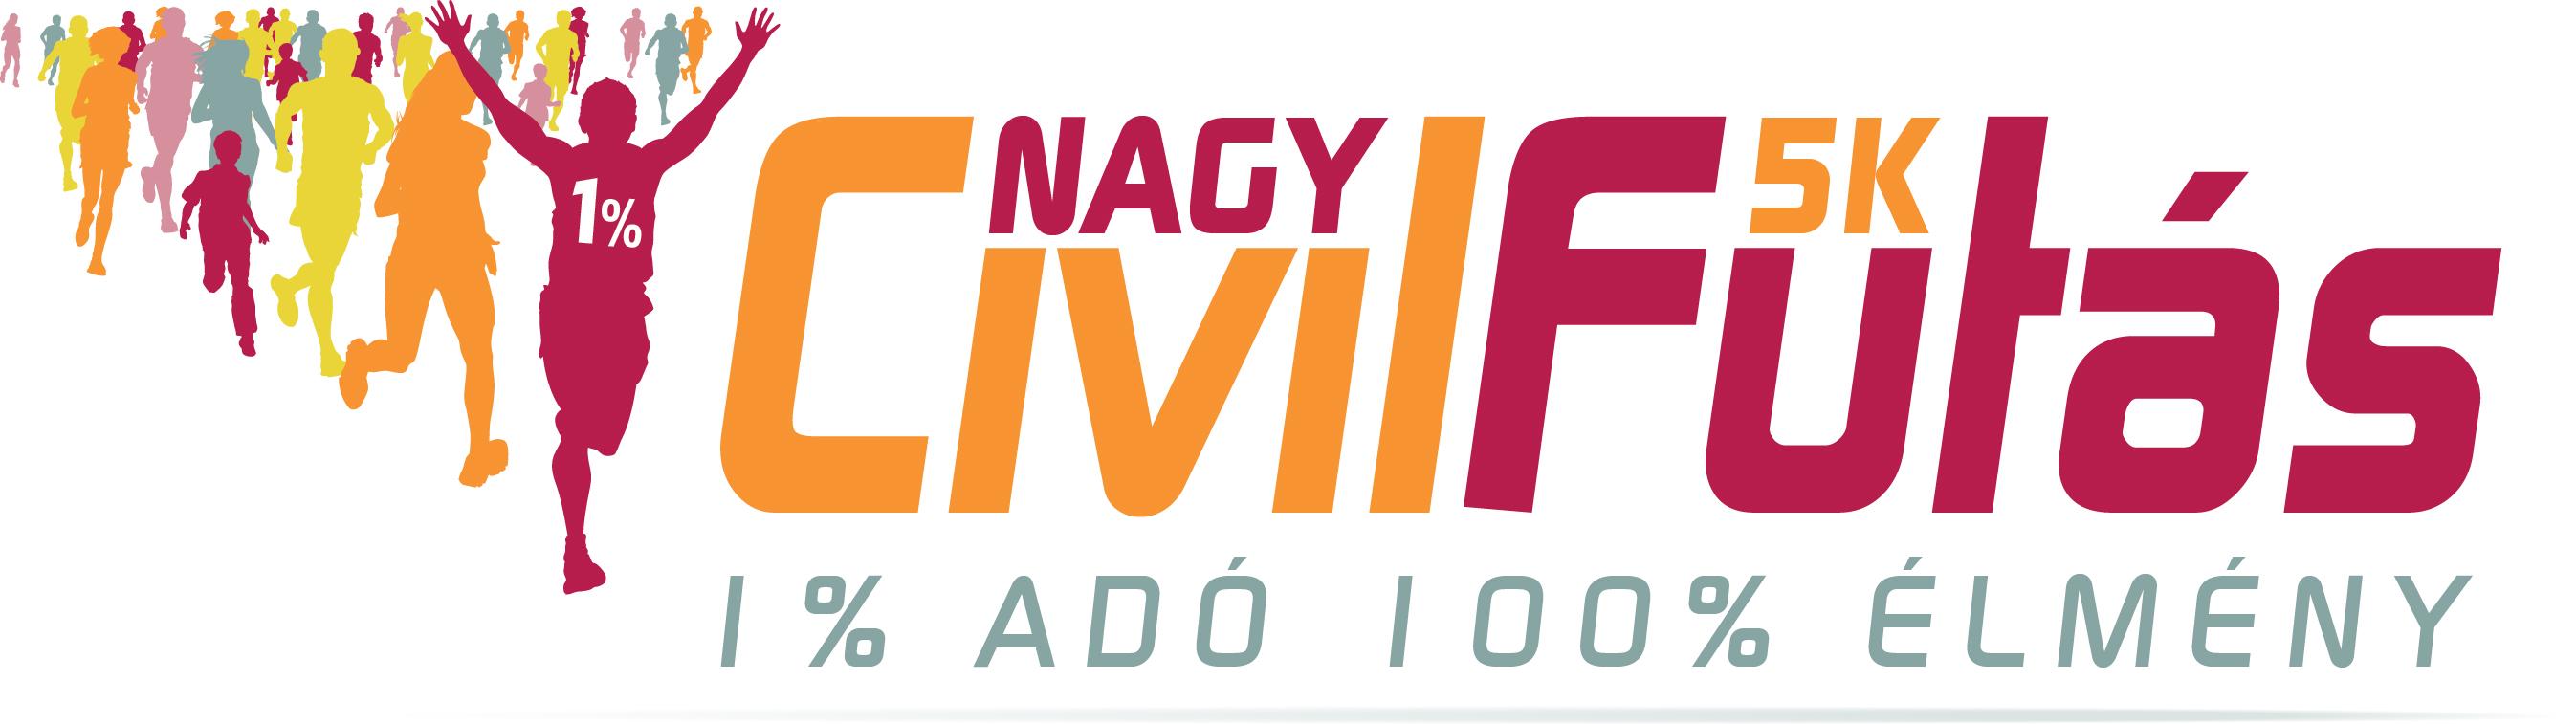 nagycivilfutas_logo_5k.jpg